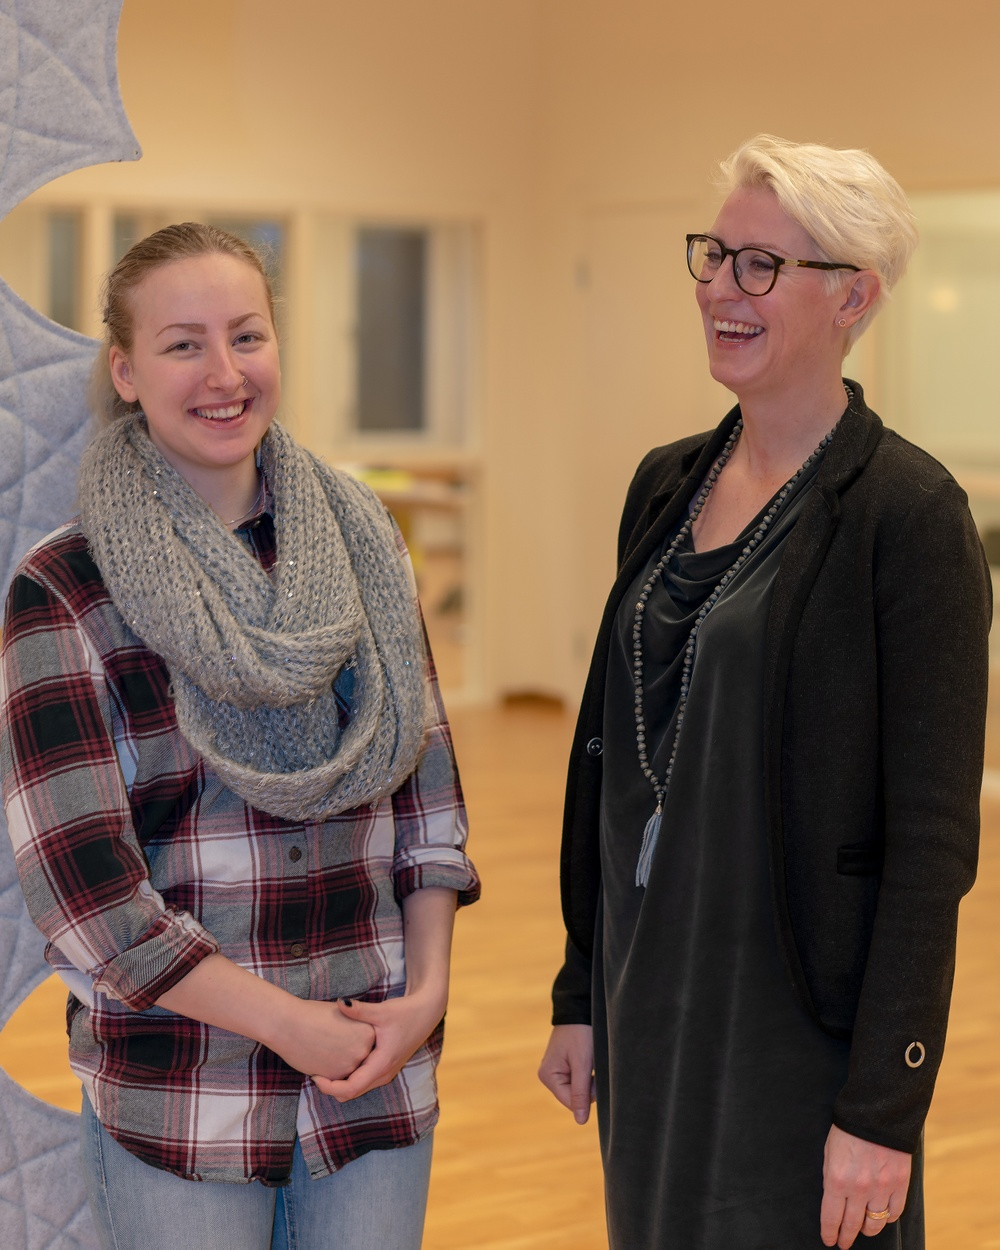 För Erica Boman är föraryrket en dröm som blir sann. Här tillsammans med BDX HR-chef Anna Jonsson. Foto: Magnus Höggren